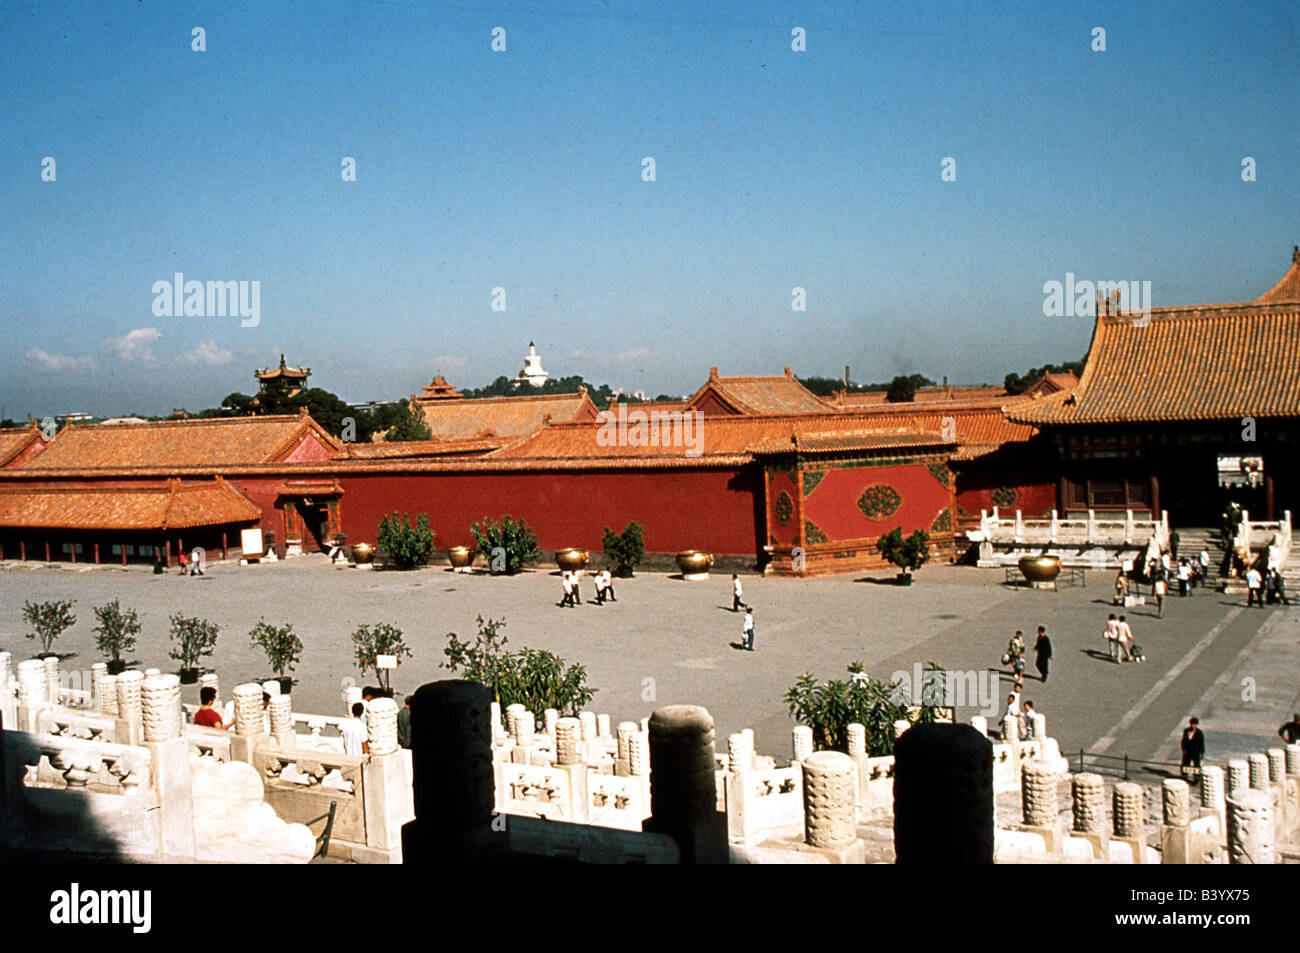 Geographie / Reisen, China, Peking, Palast des Kaisers in die Verbotene Stadt, UNESCO, Weltkulturerbe Stockfoto